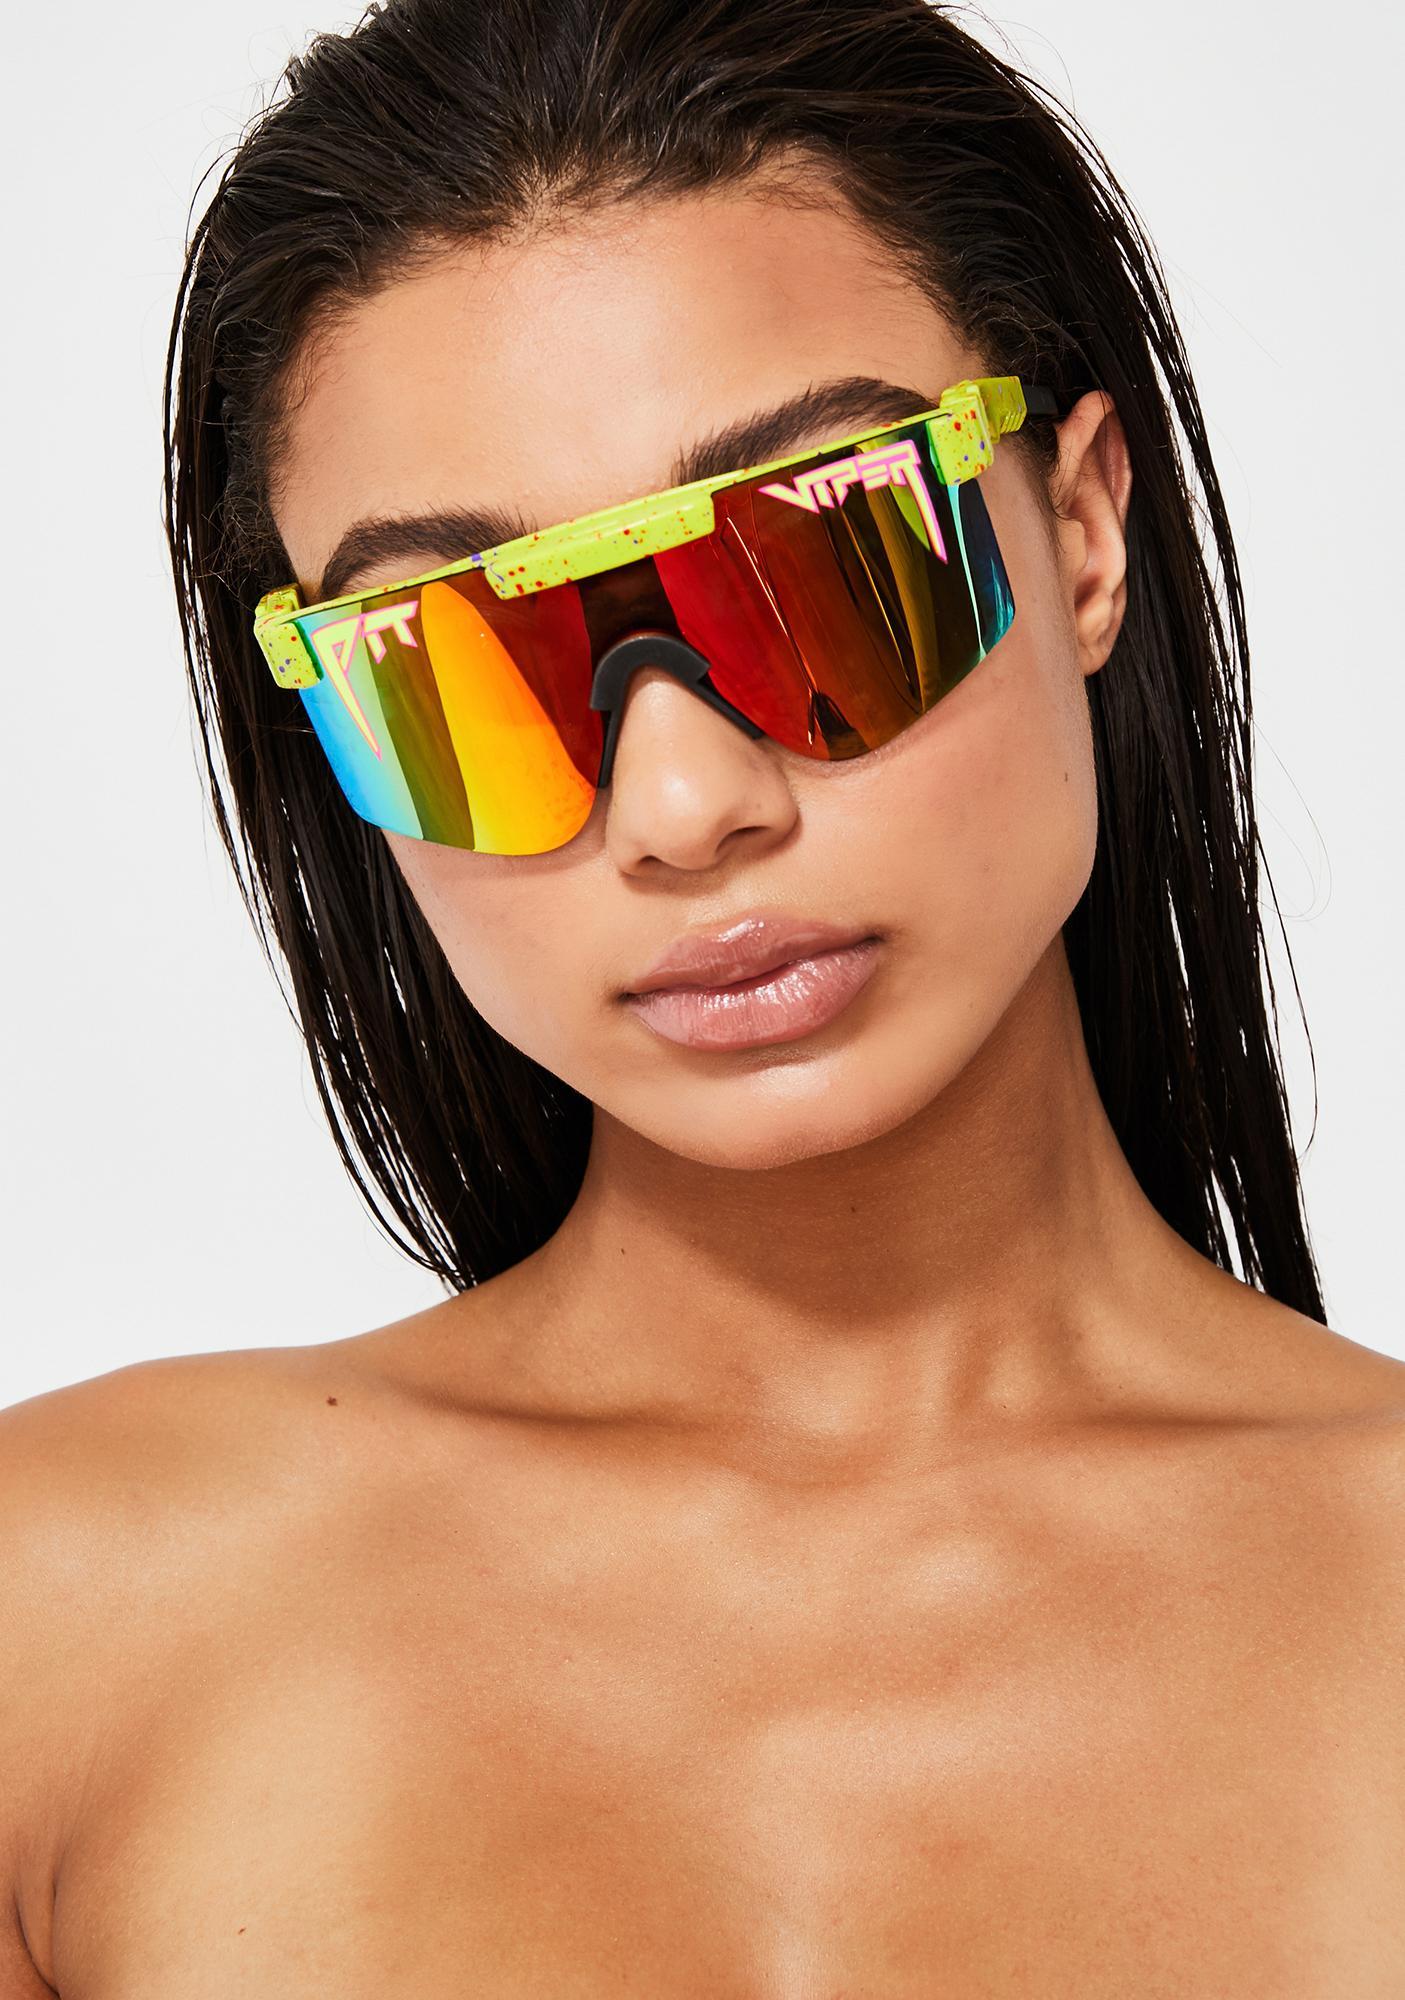 975762fba80e Pit Viper The 1993 Polarized Sunglasses